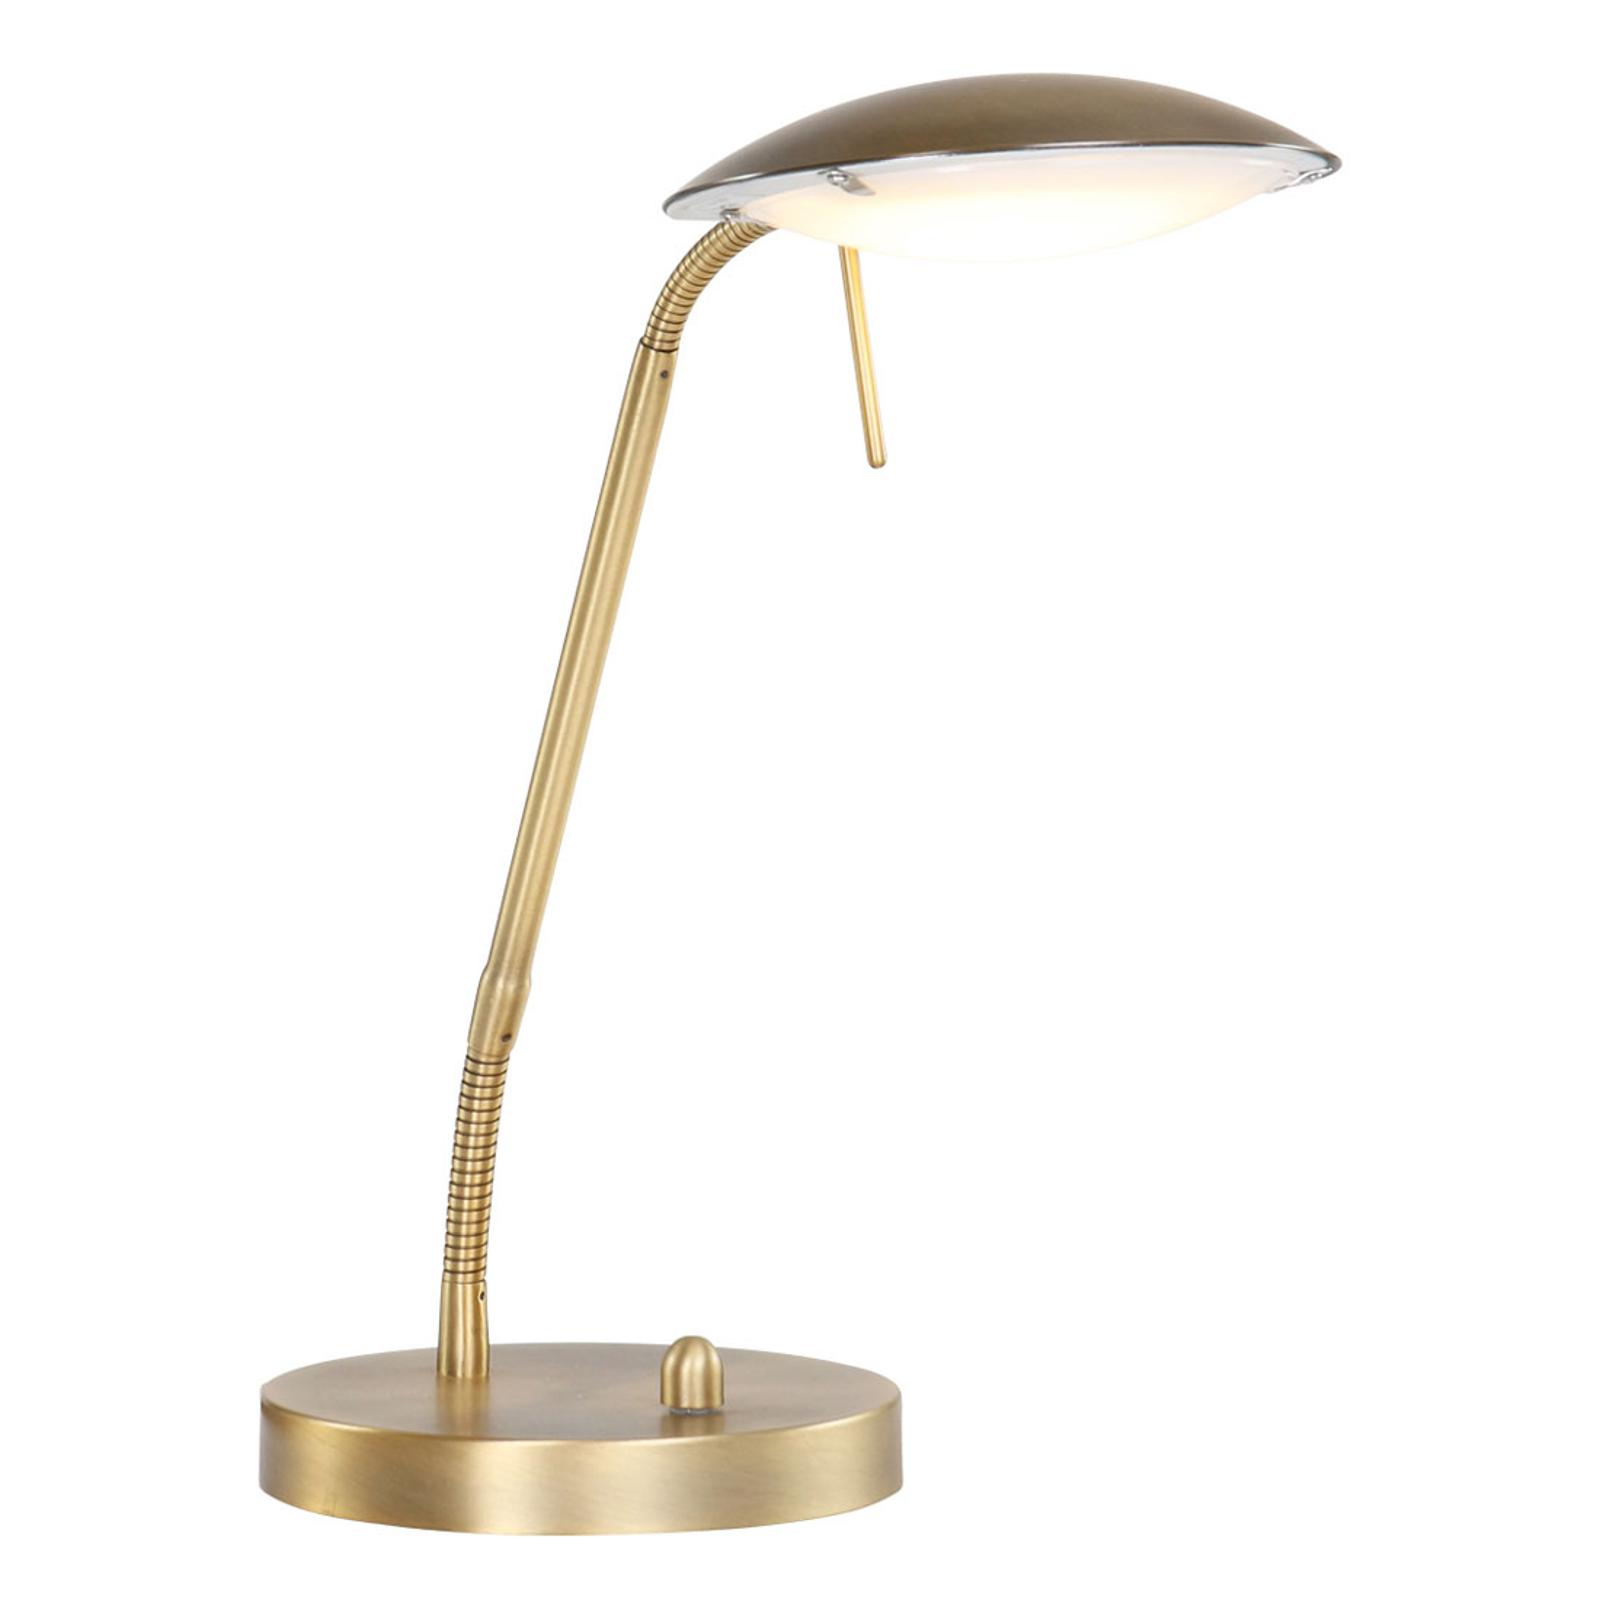 Lampa stołowa LED Mexlite brązowa